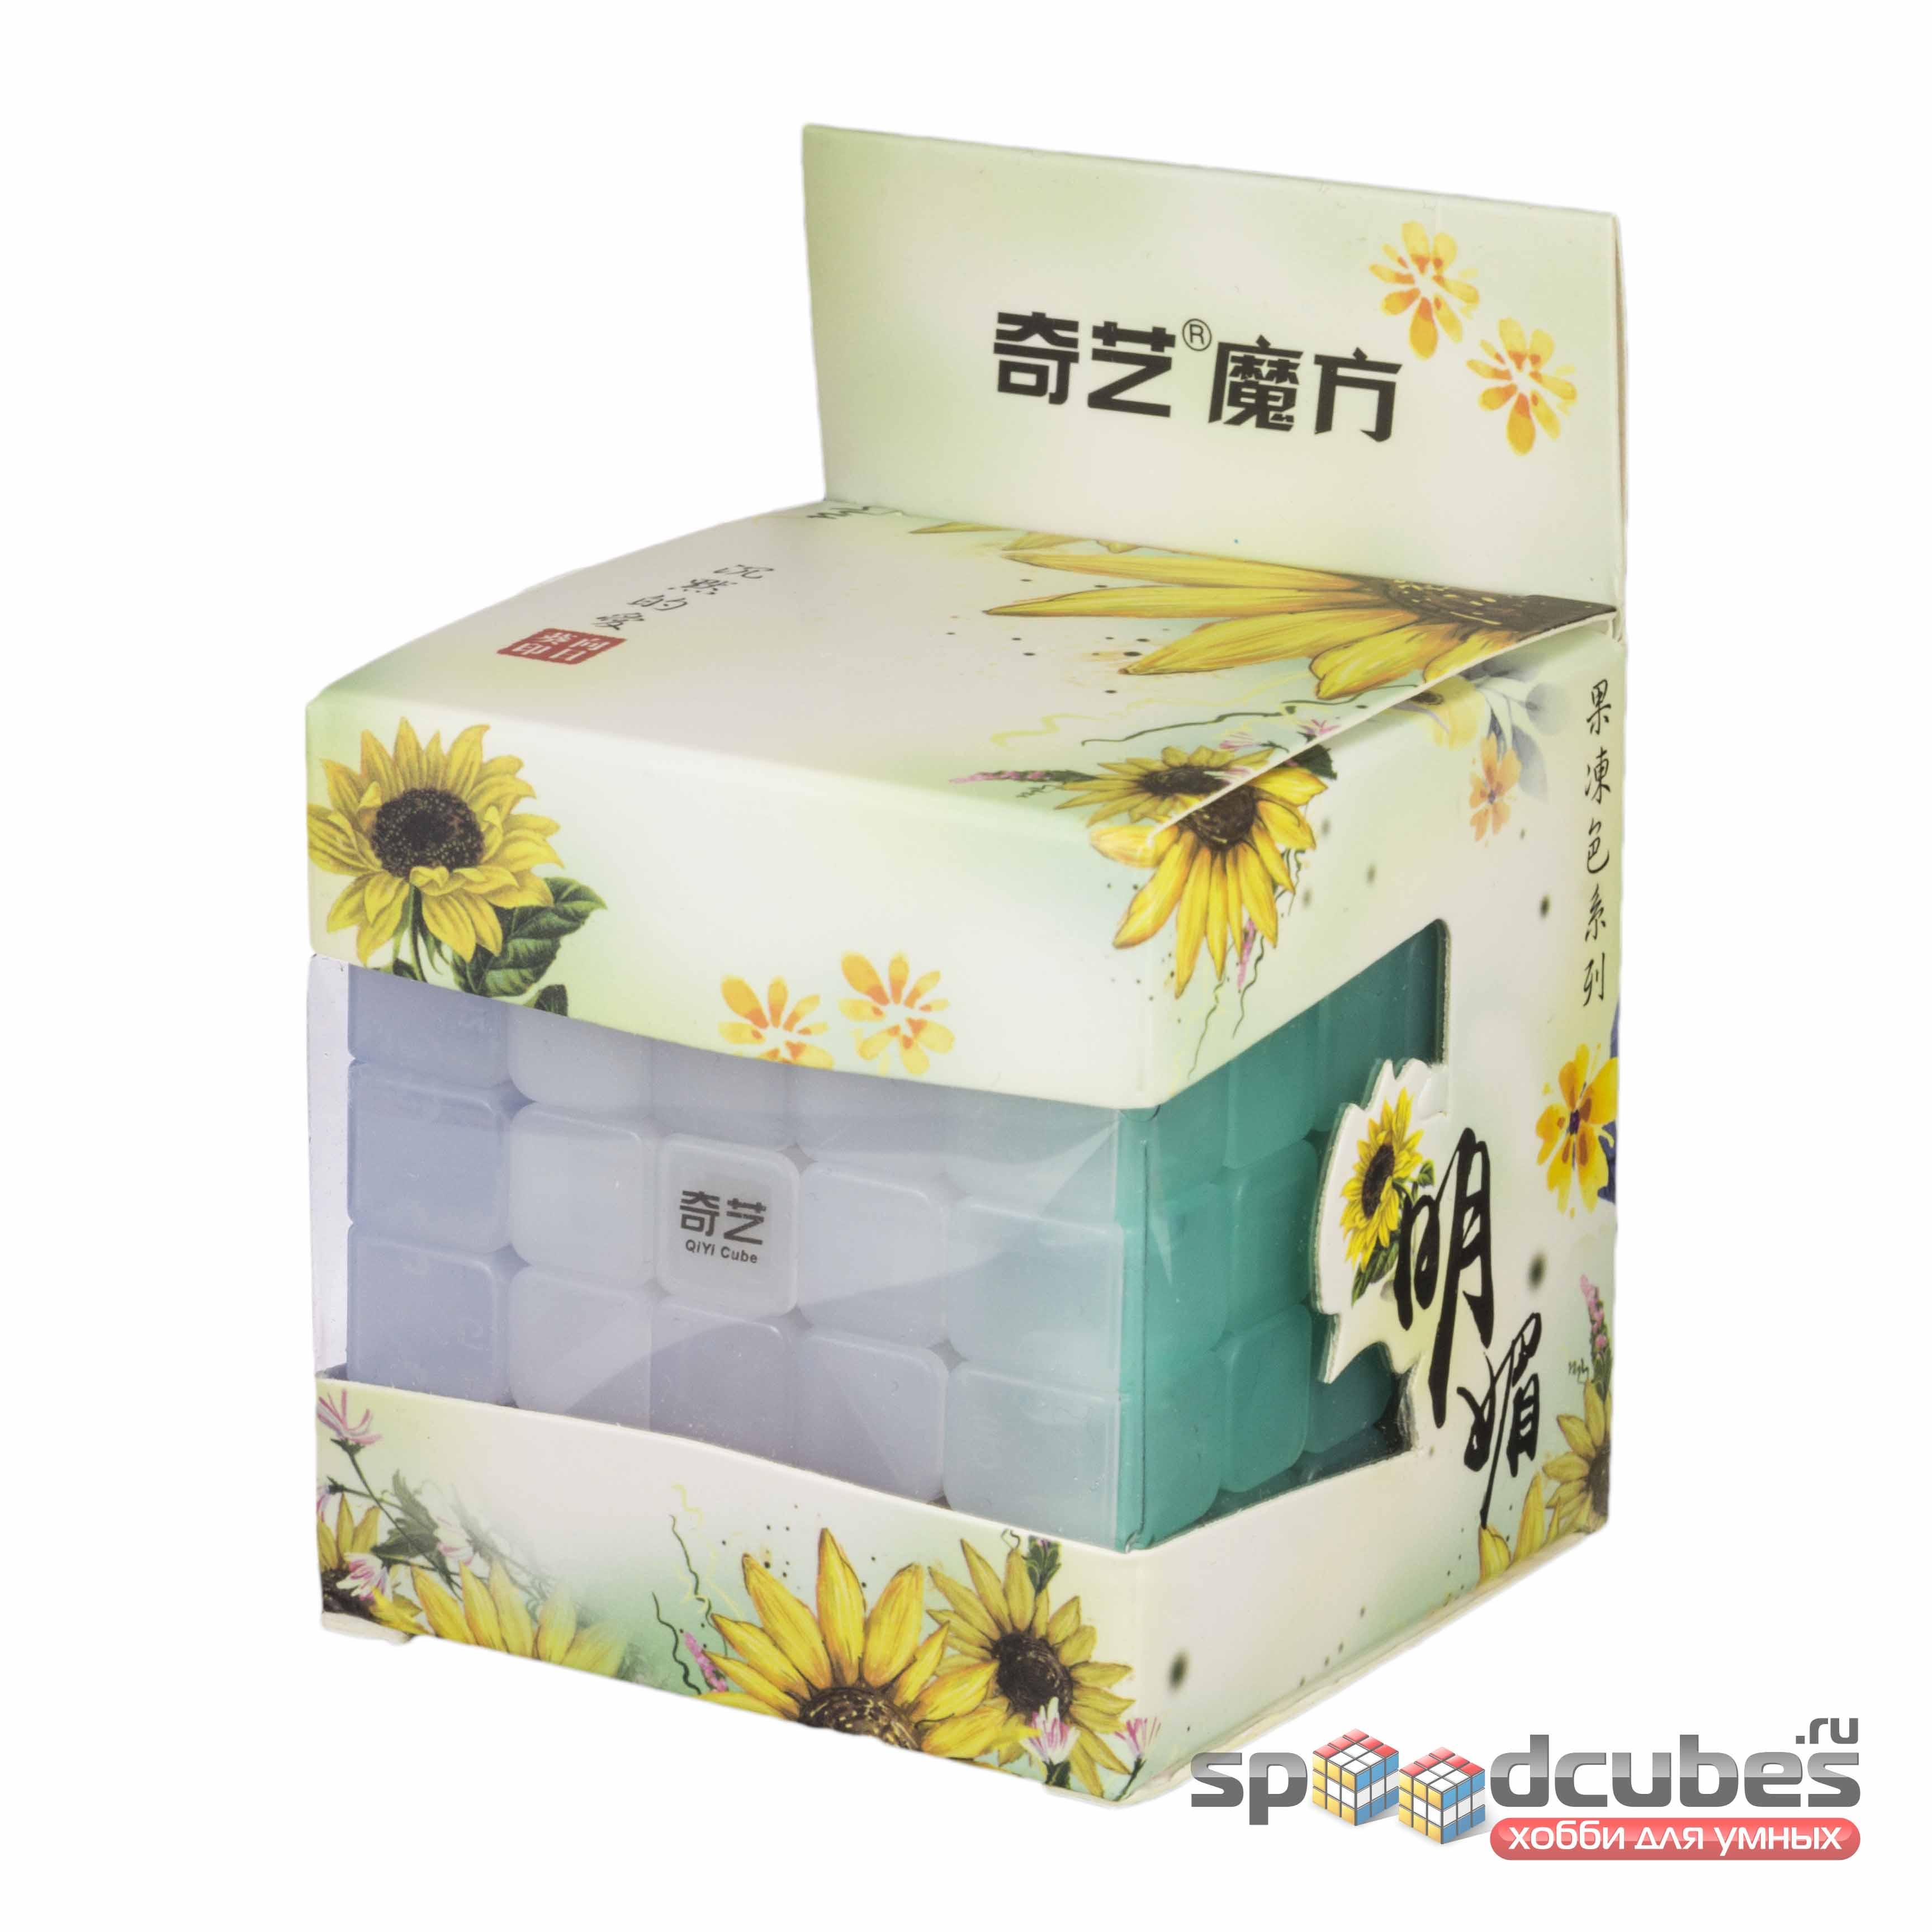 QiYi (MoFangGe) 5x5x5 Jelly Cube 1